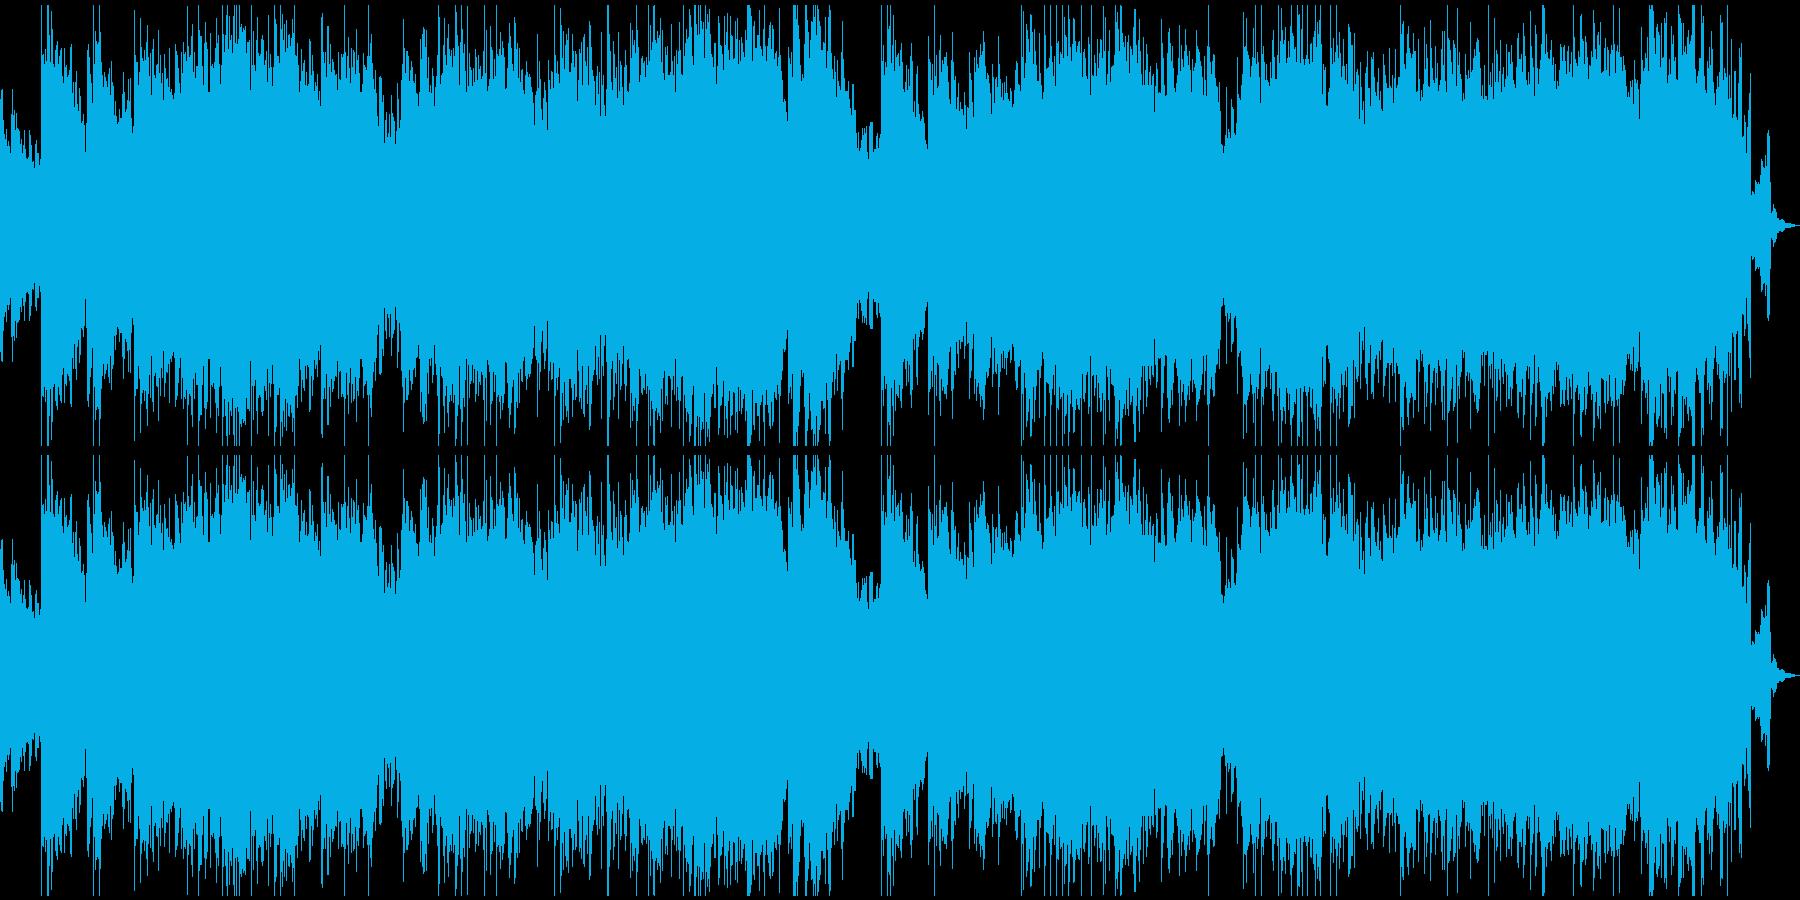 時を盛るのぼるようなピアノと特殊音響効果の再生済みの波形